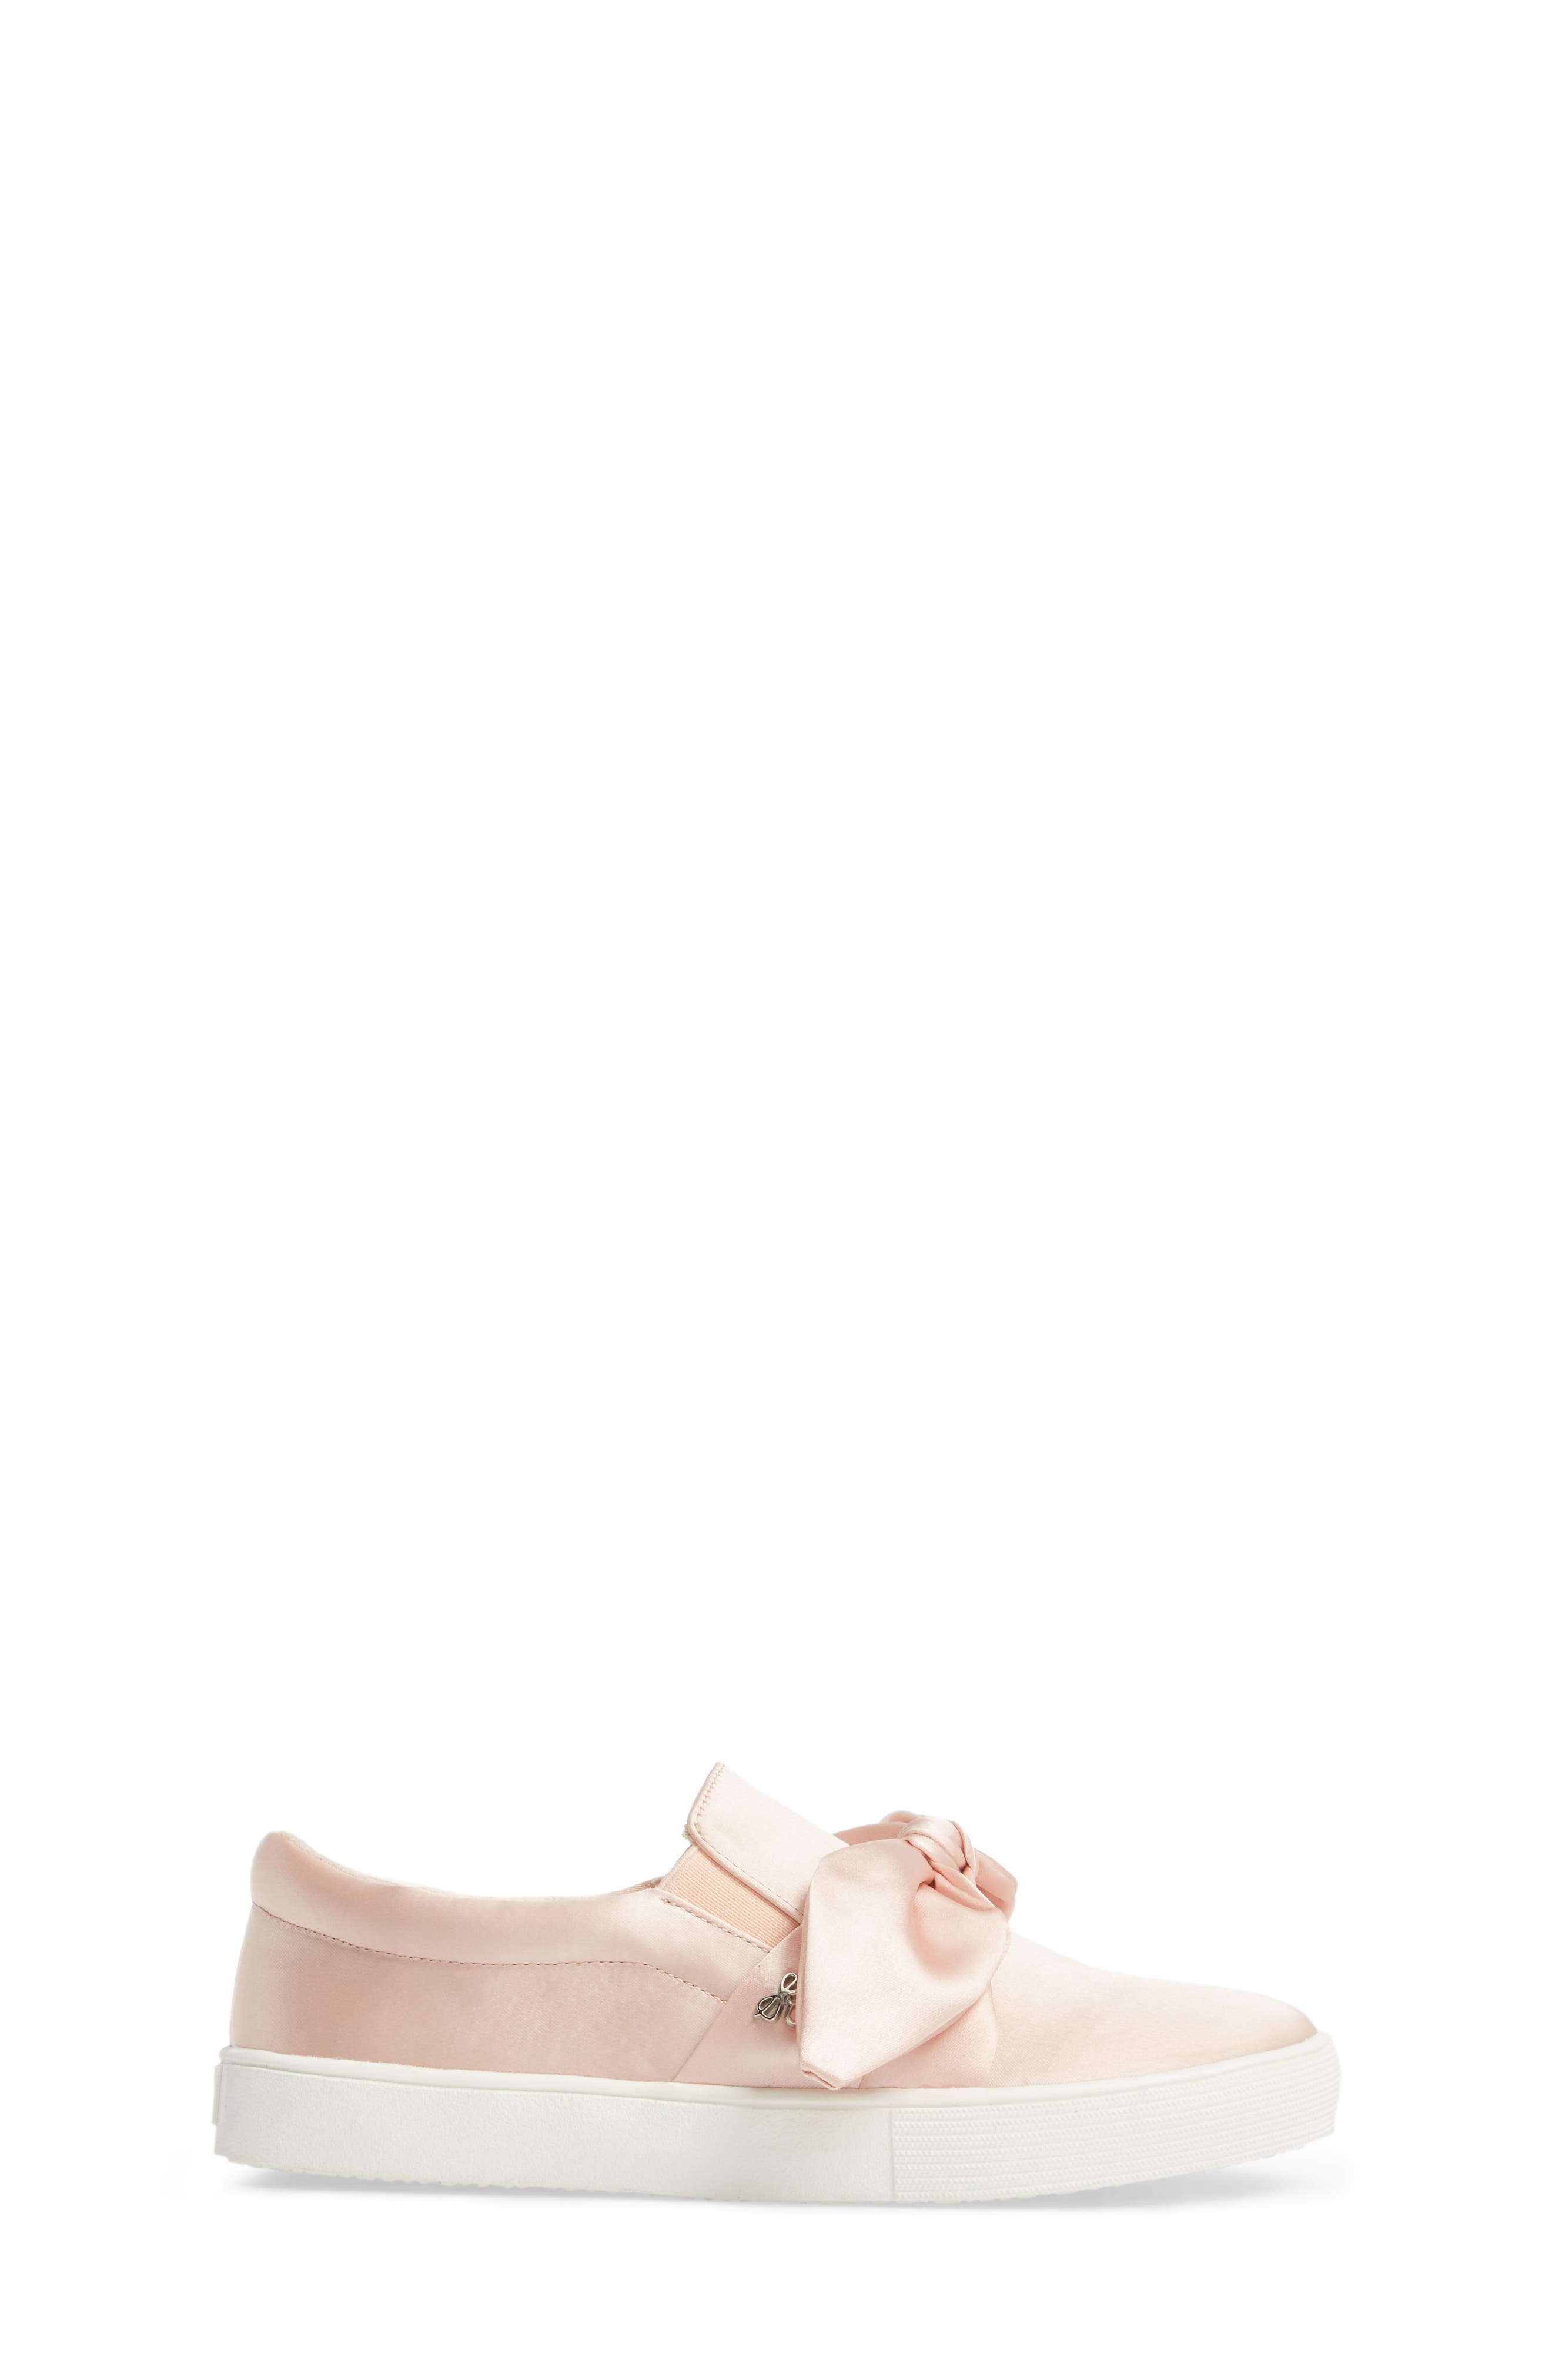 Bella Eden Slip-On Sneaker,                             Alternate thumbnail 3, color,                             Blush Satin